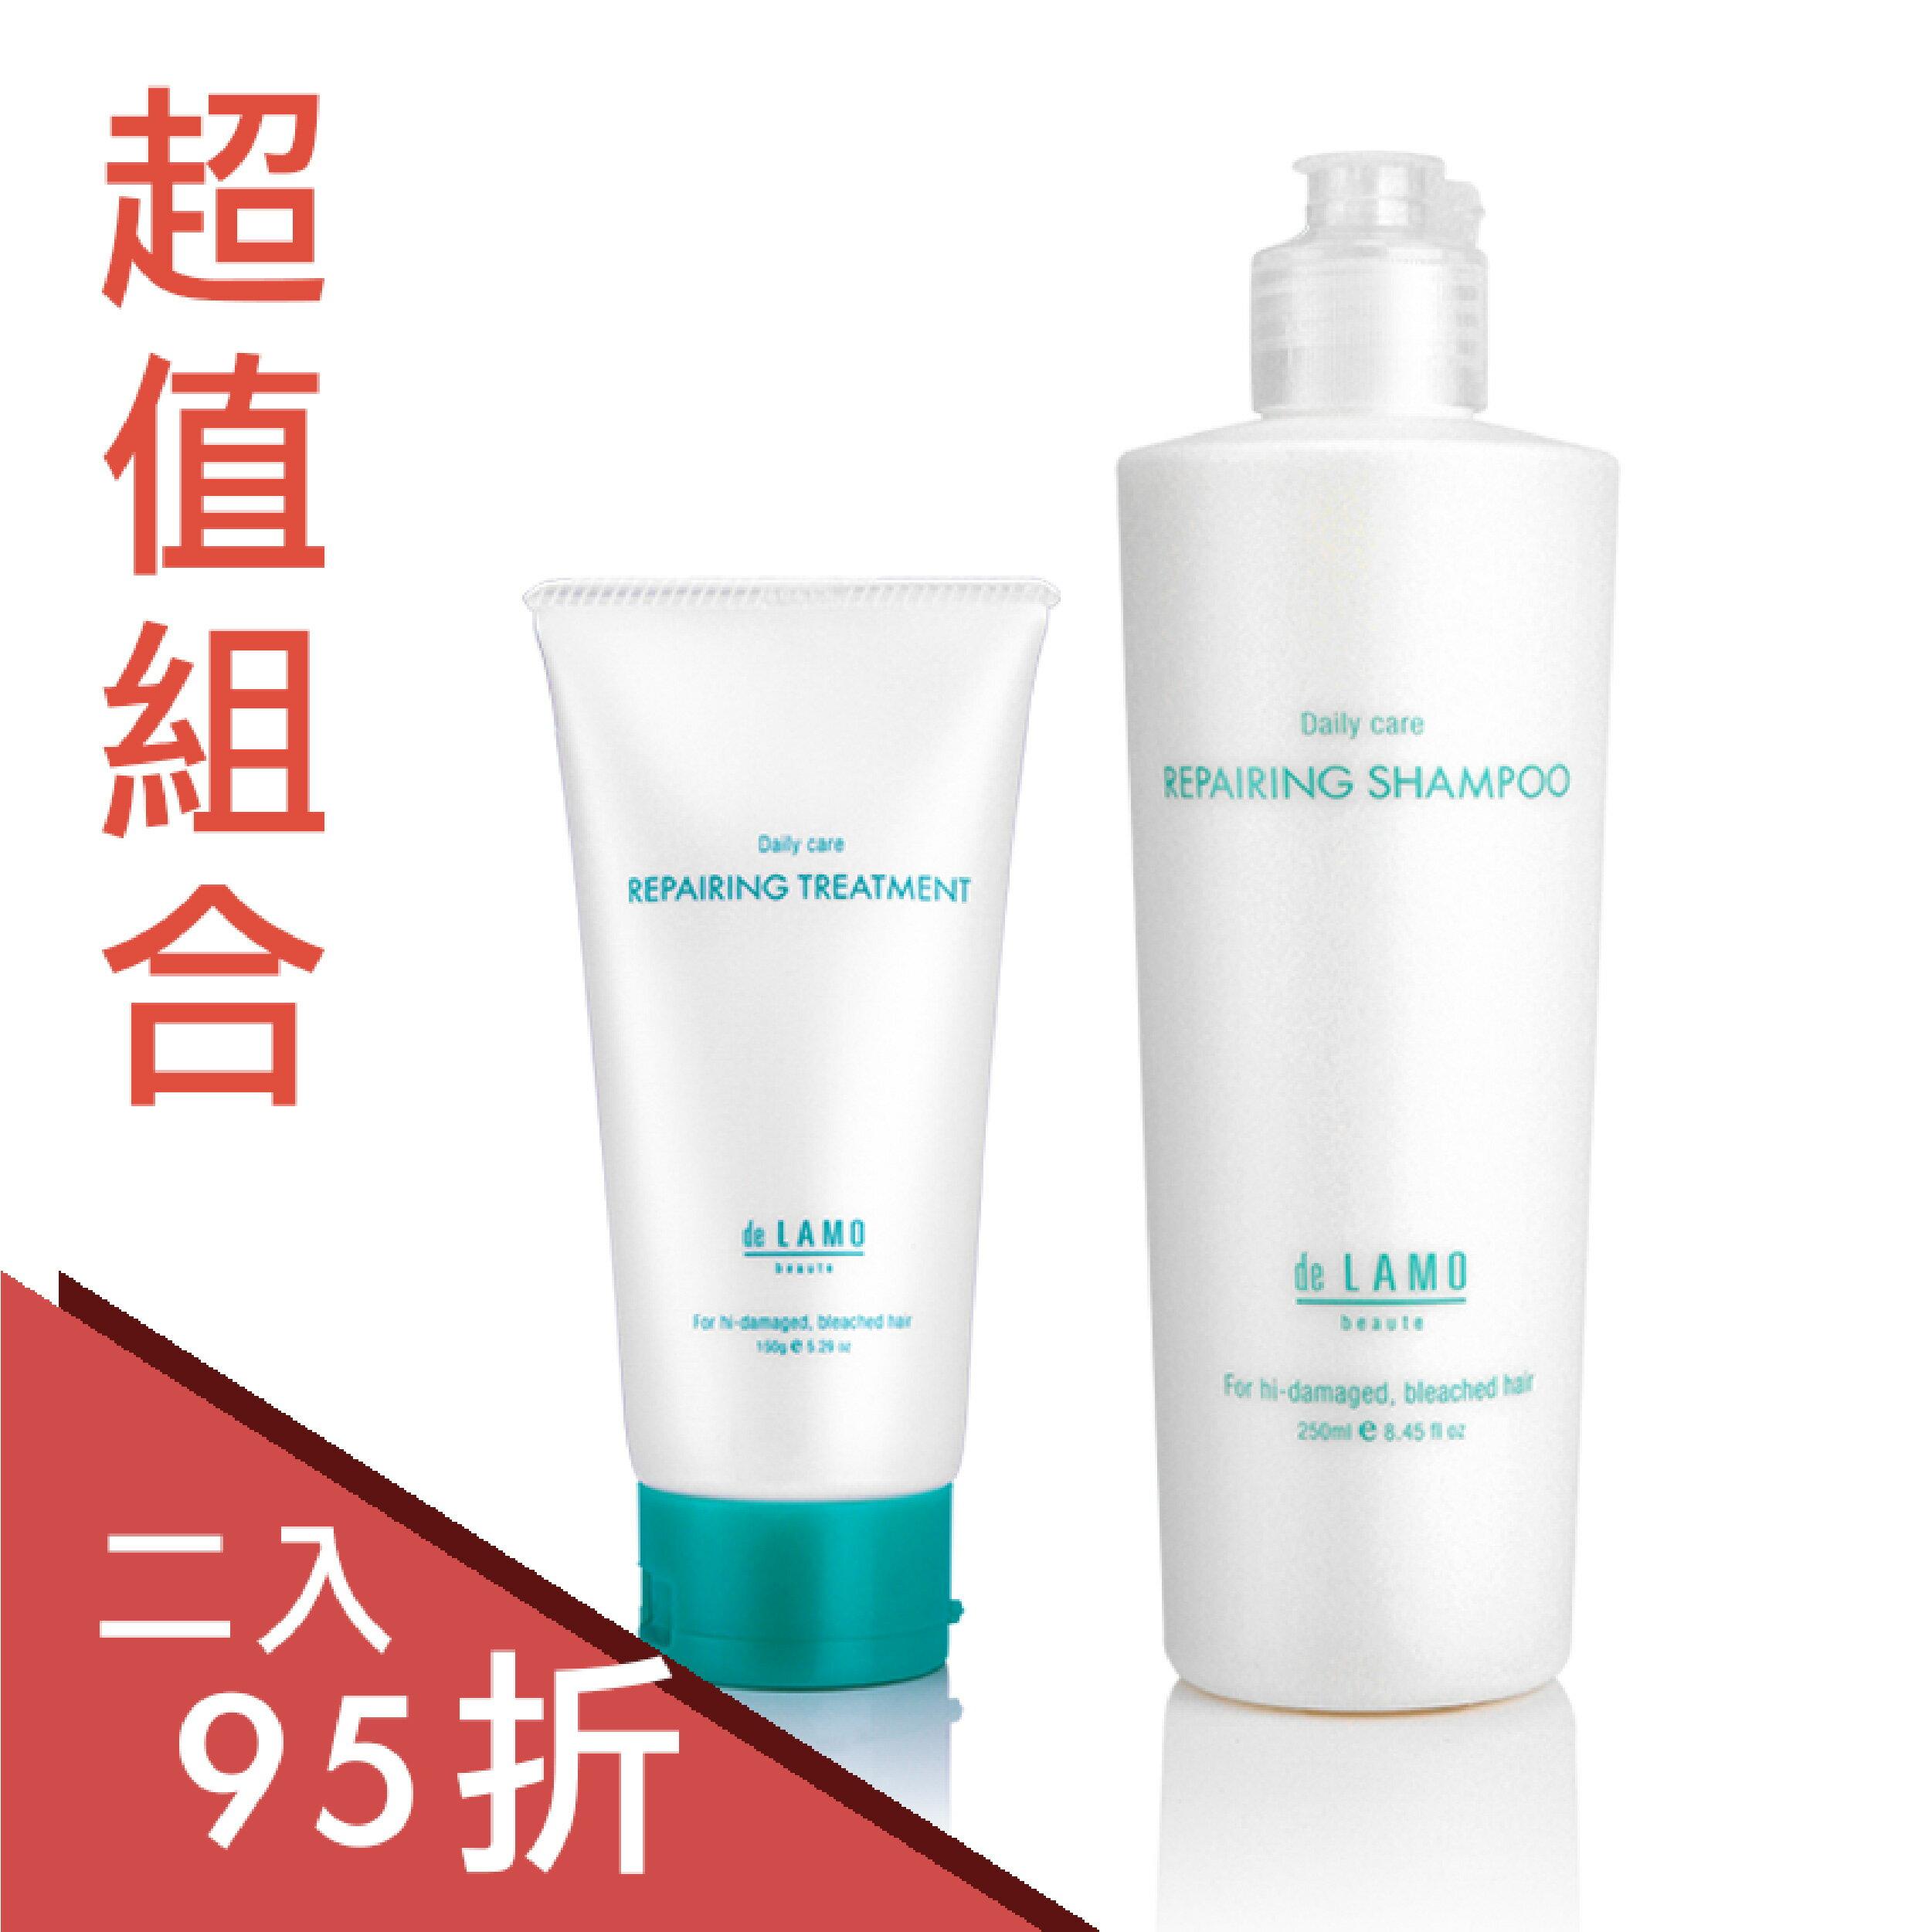 日本 de LAMO 結構式護髮領導品牌 【極致修護系列組合】極緻修護護髮素 150g+極緻修護洗髮乳 250ml 亞壽特美容 ASTER BIYOU 0